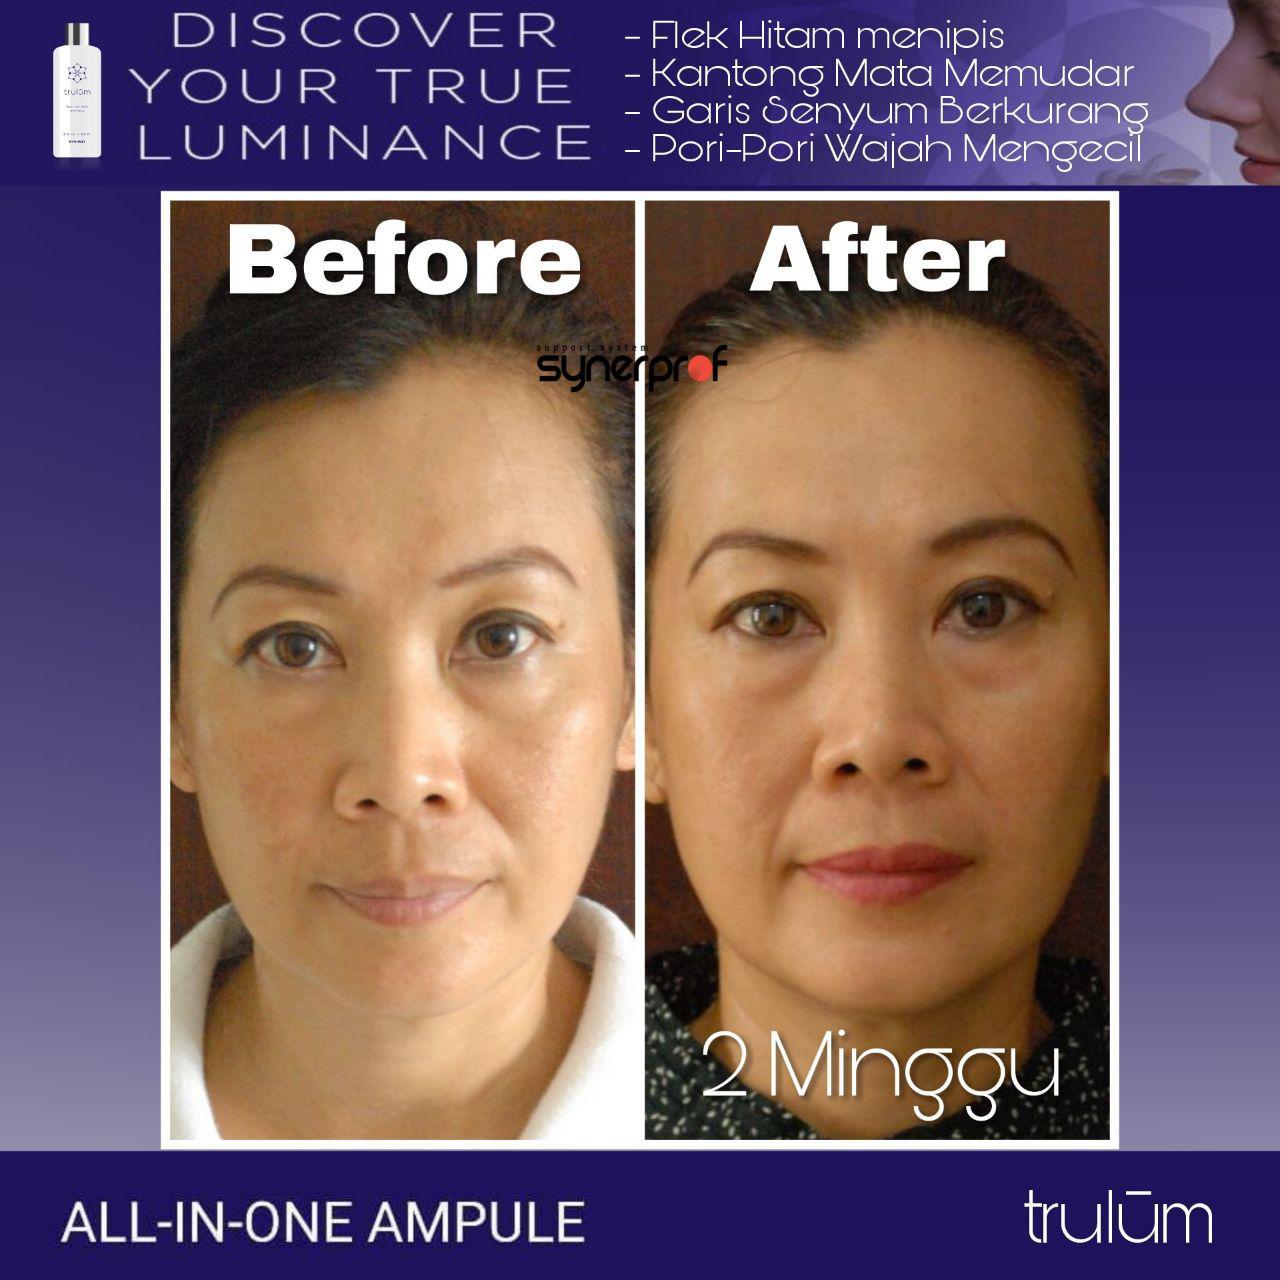 Klinik Kecantikan Trulum Skincare Di Krueng Raya, Sukakarya WA: 08112338376